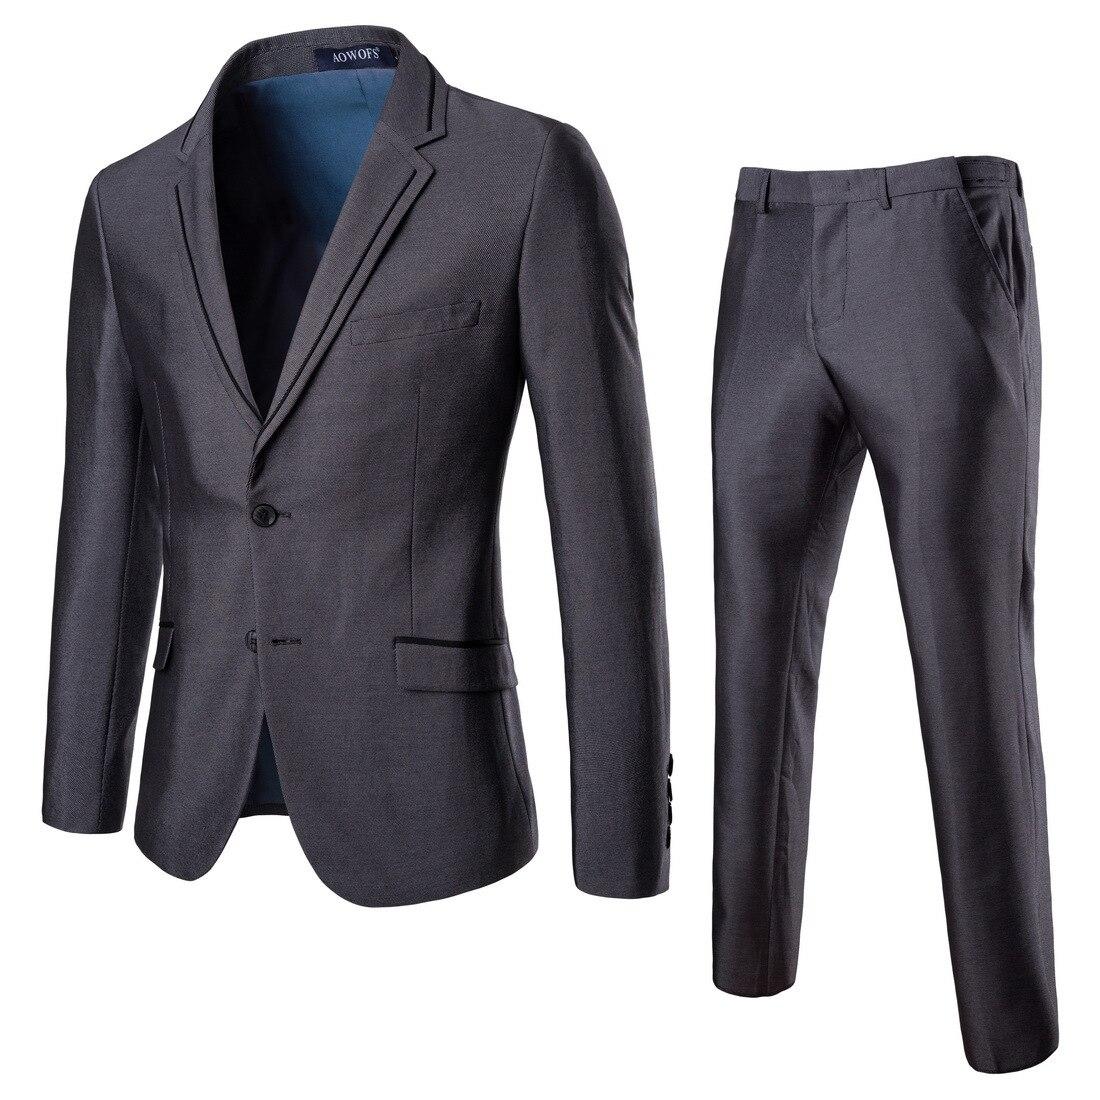 207aaf0f2e De El Piezas Vestido Traje 2 Grey Hombres Xf015 Negocios Mejor Los Hombre  Blazer 2pcs Novio ...